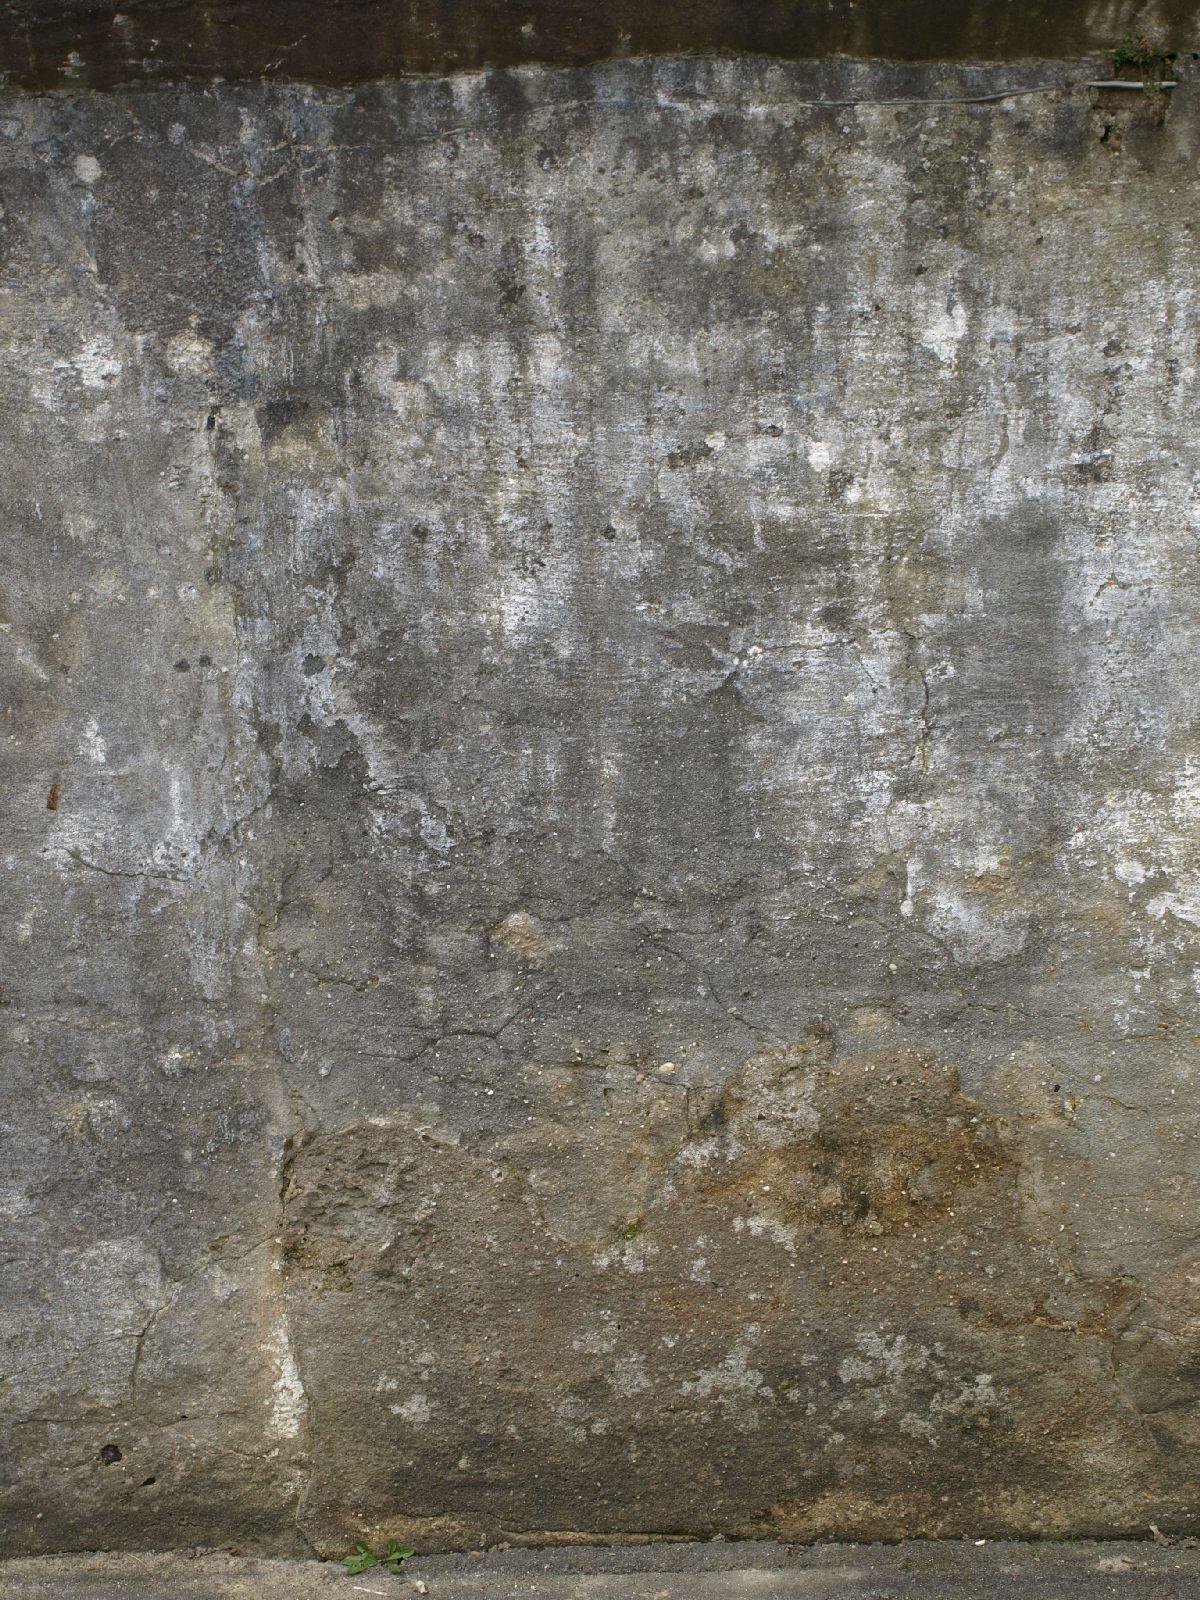 Grunge-Dreck_Textur_A_P4110730